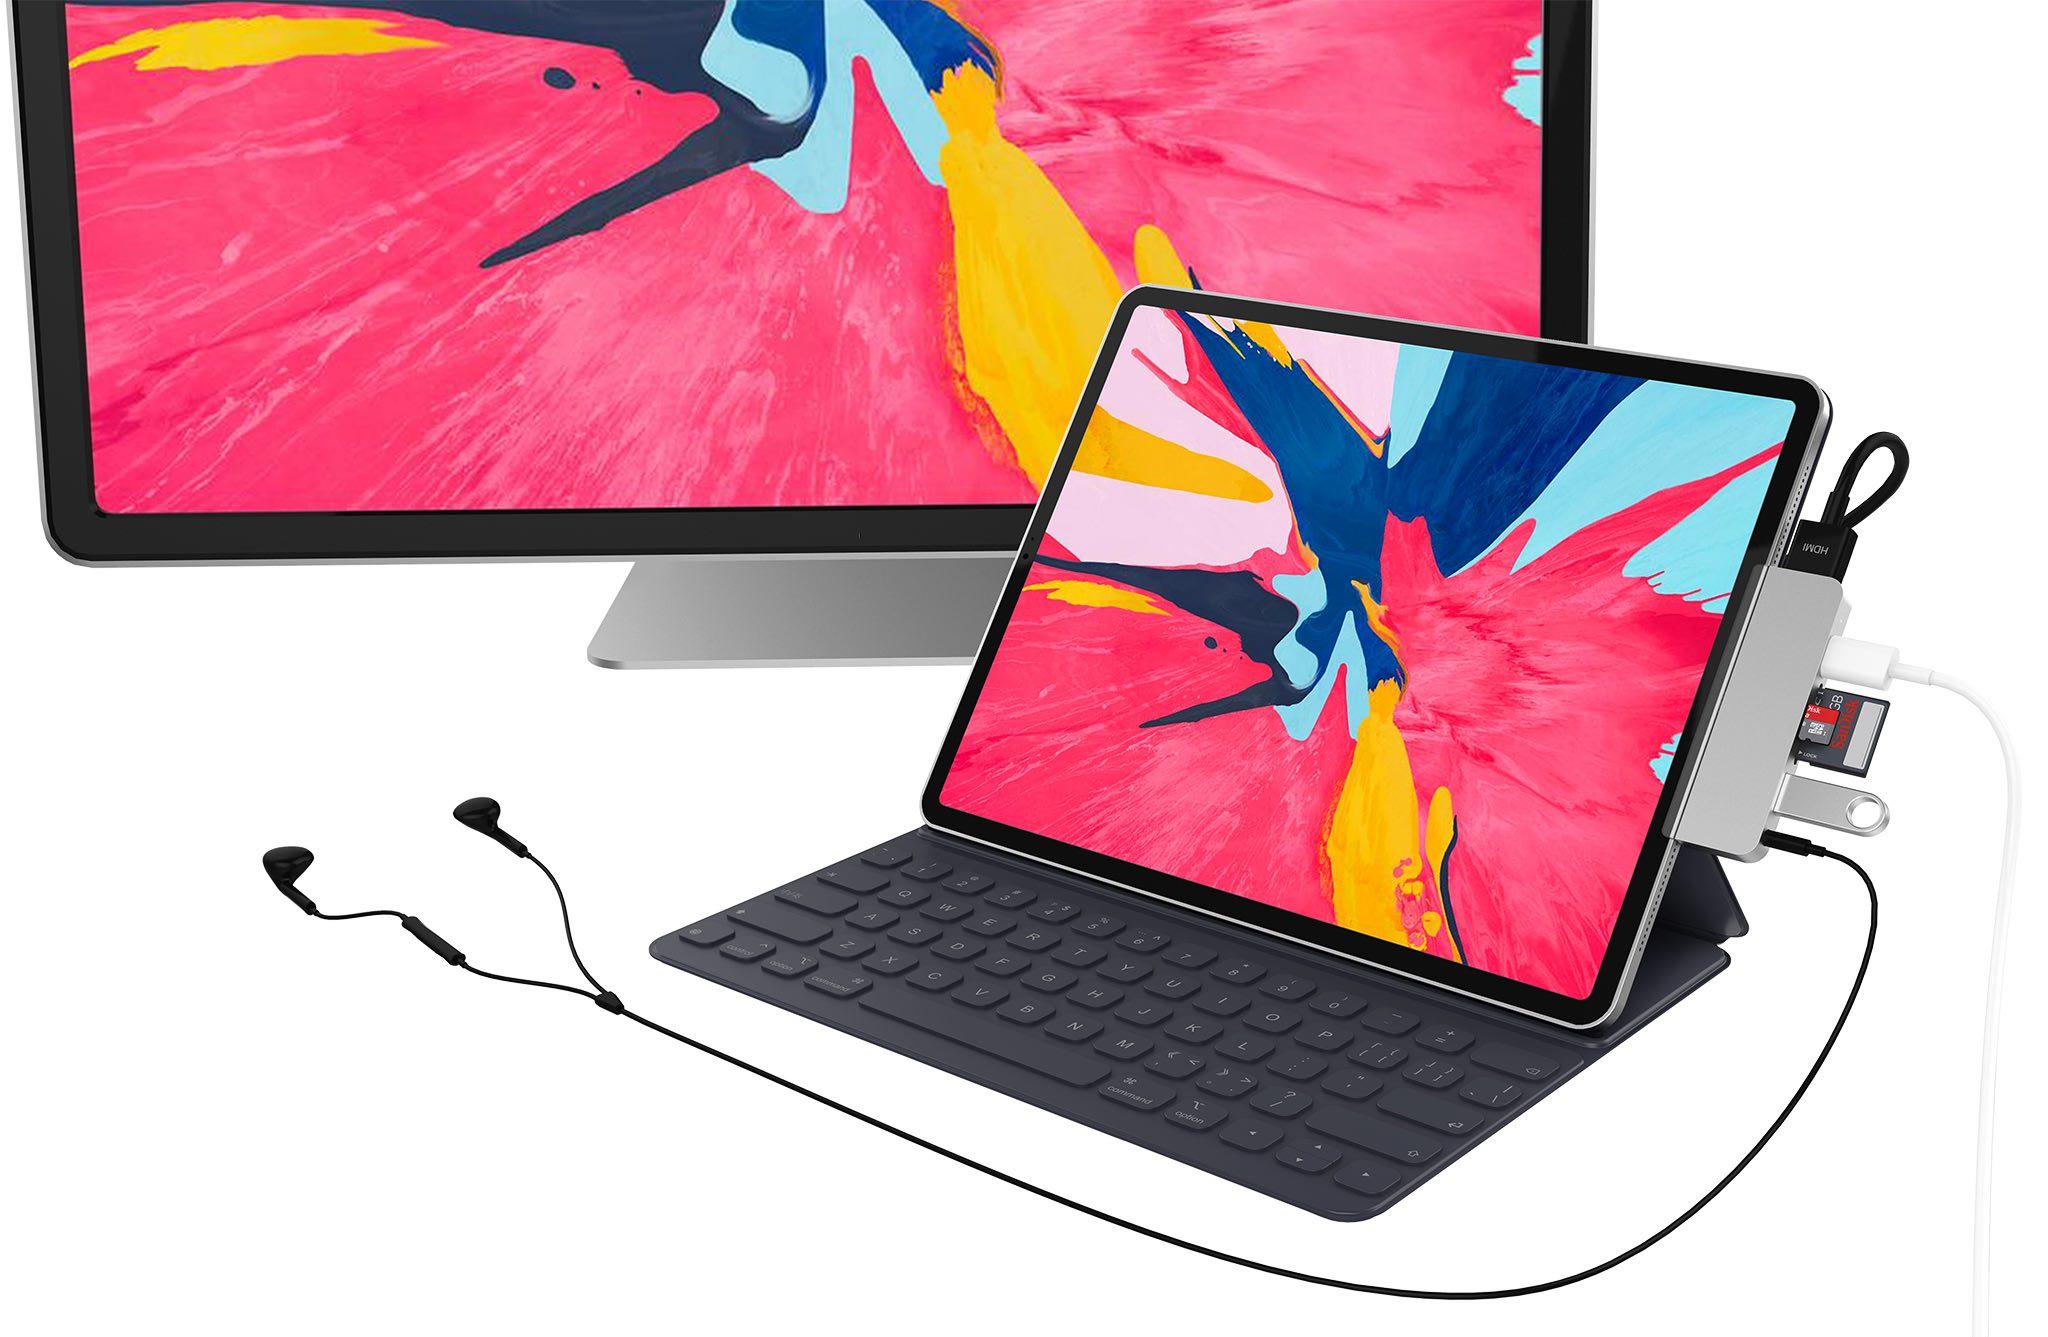 Podłączenie klawiatury iPada